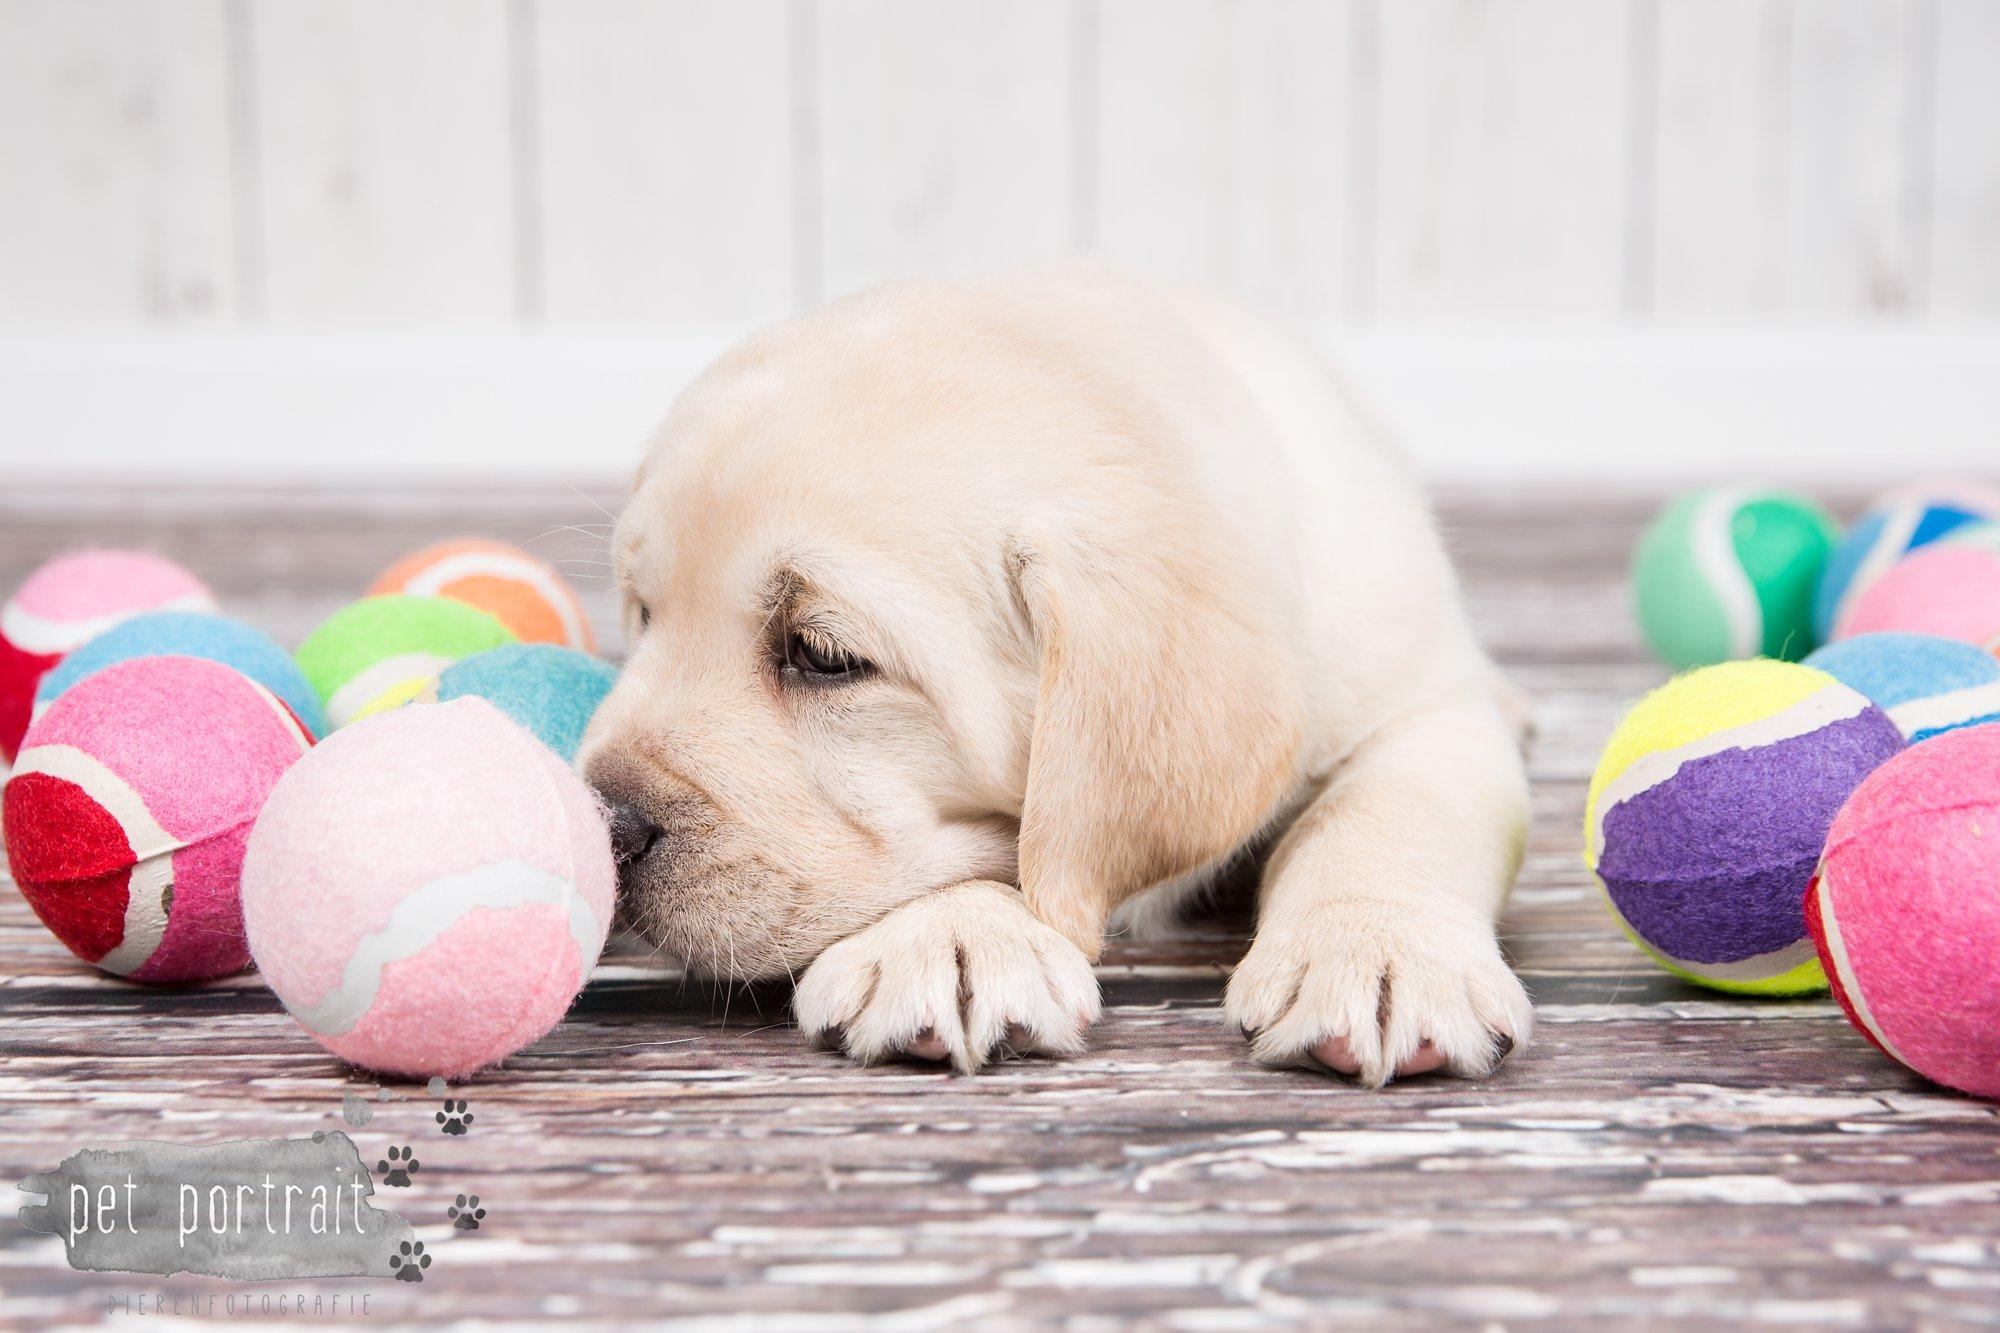 Hondenfotograaf Hillegom - Nestfotoshoot voor Labrador pups-40